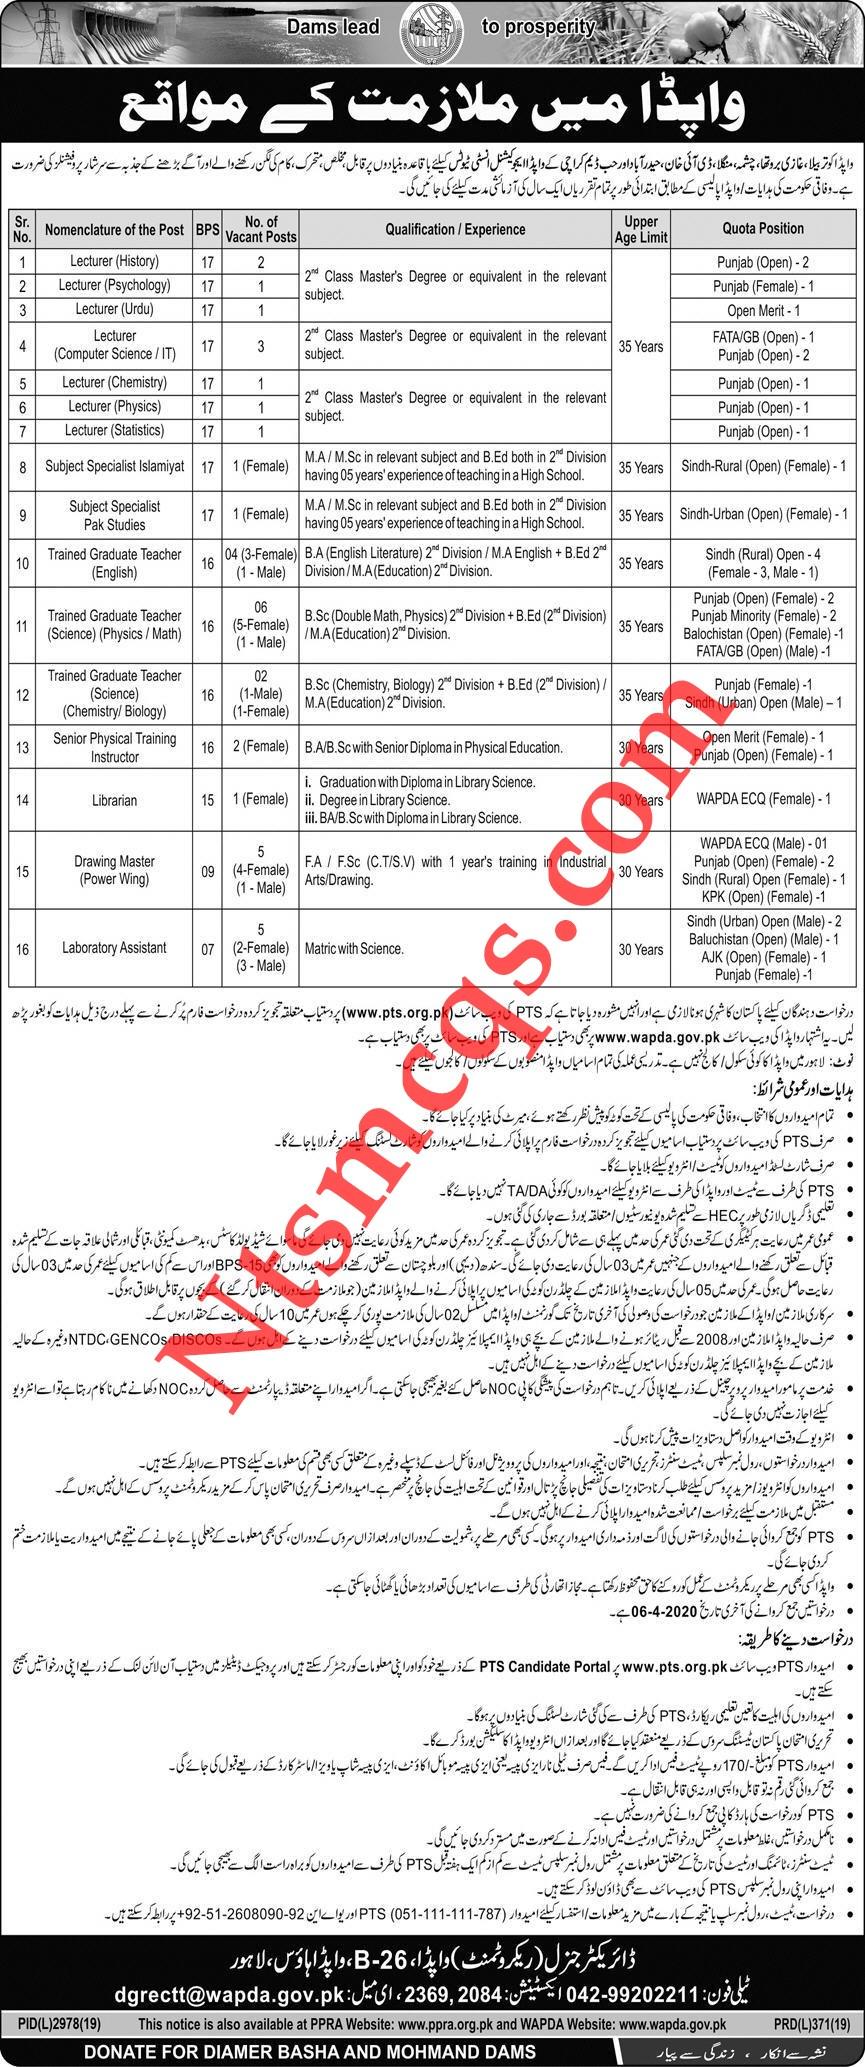 Water and Power Development Authority WAPDA Teacher Jobs 2020 PTS Application Form